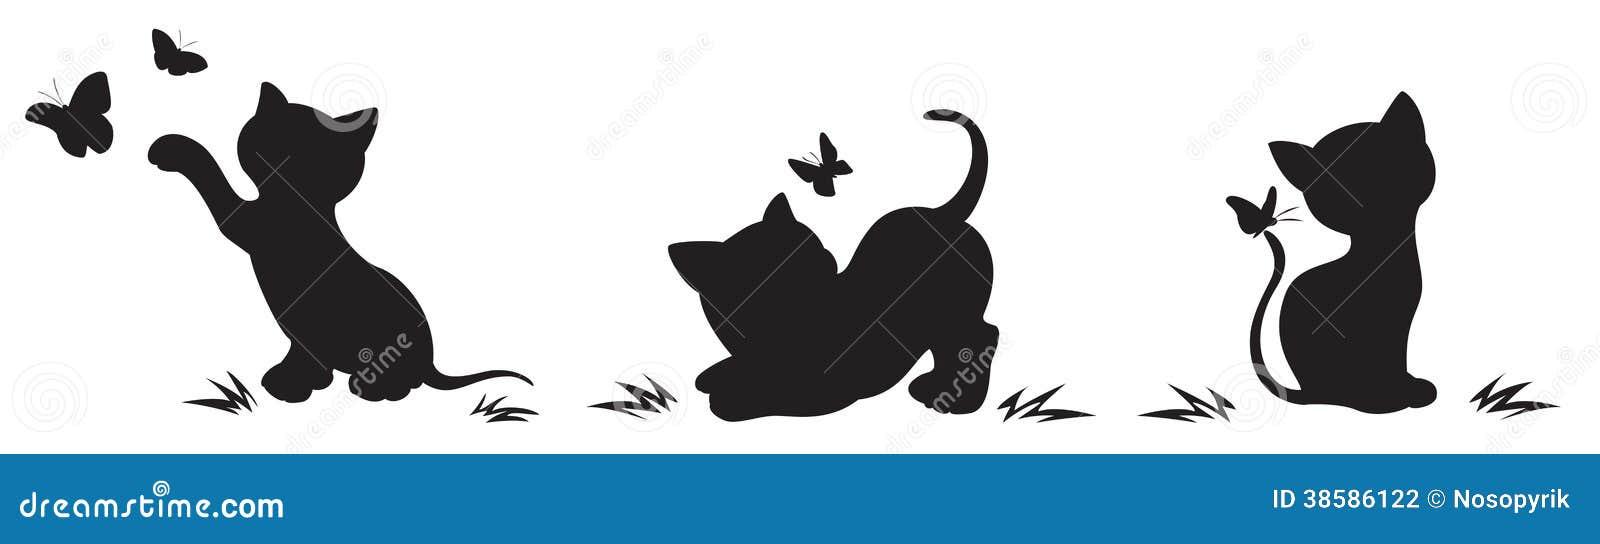 amor de silueta gato - photo #43